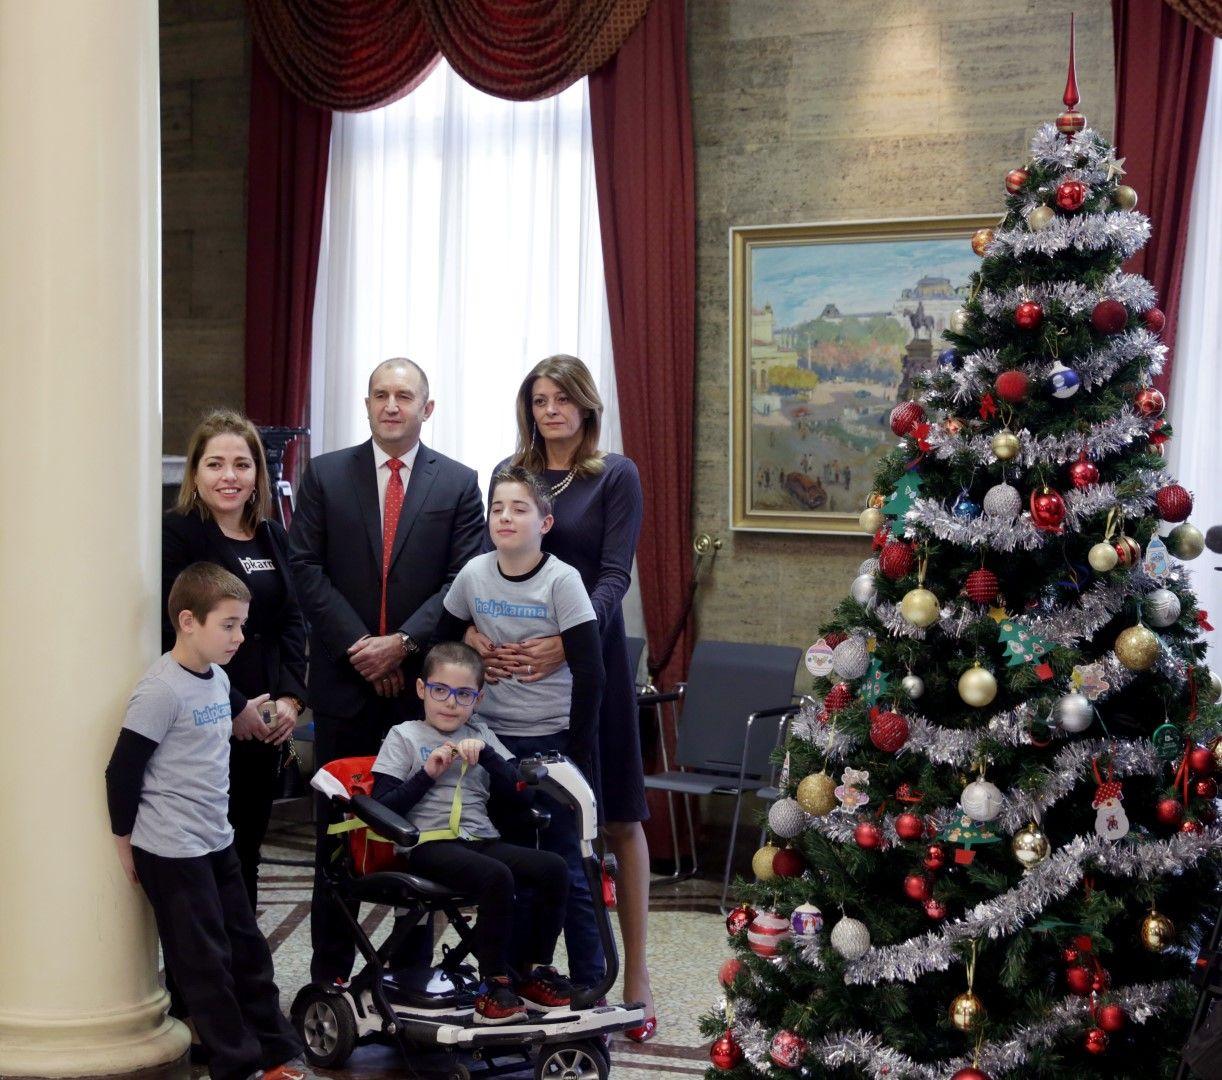 Тазгодишното издание на благотворителната инициатива на държавния глава е в подкрепа на децата с тежки увреждания